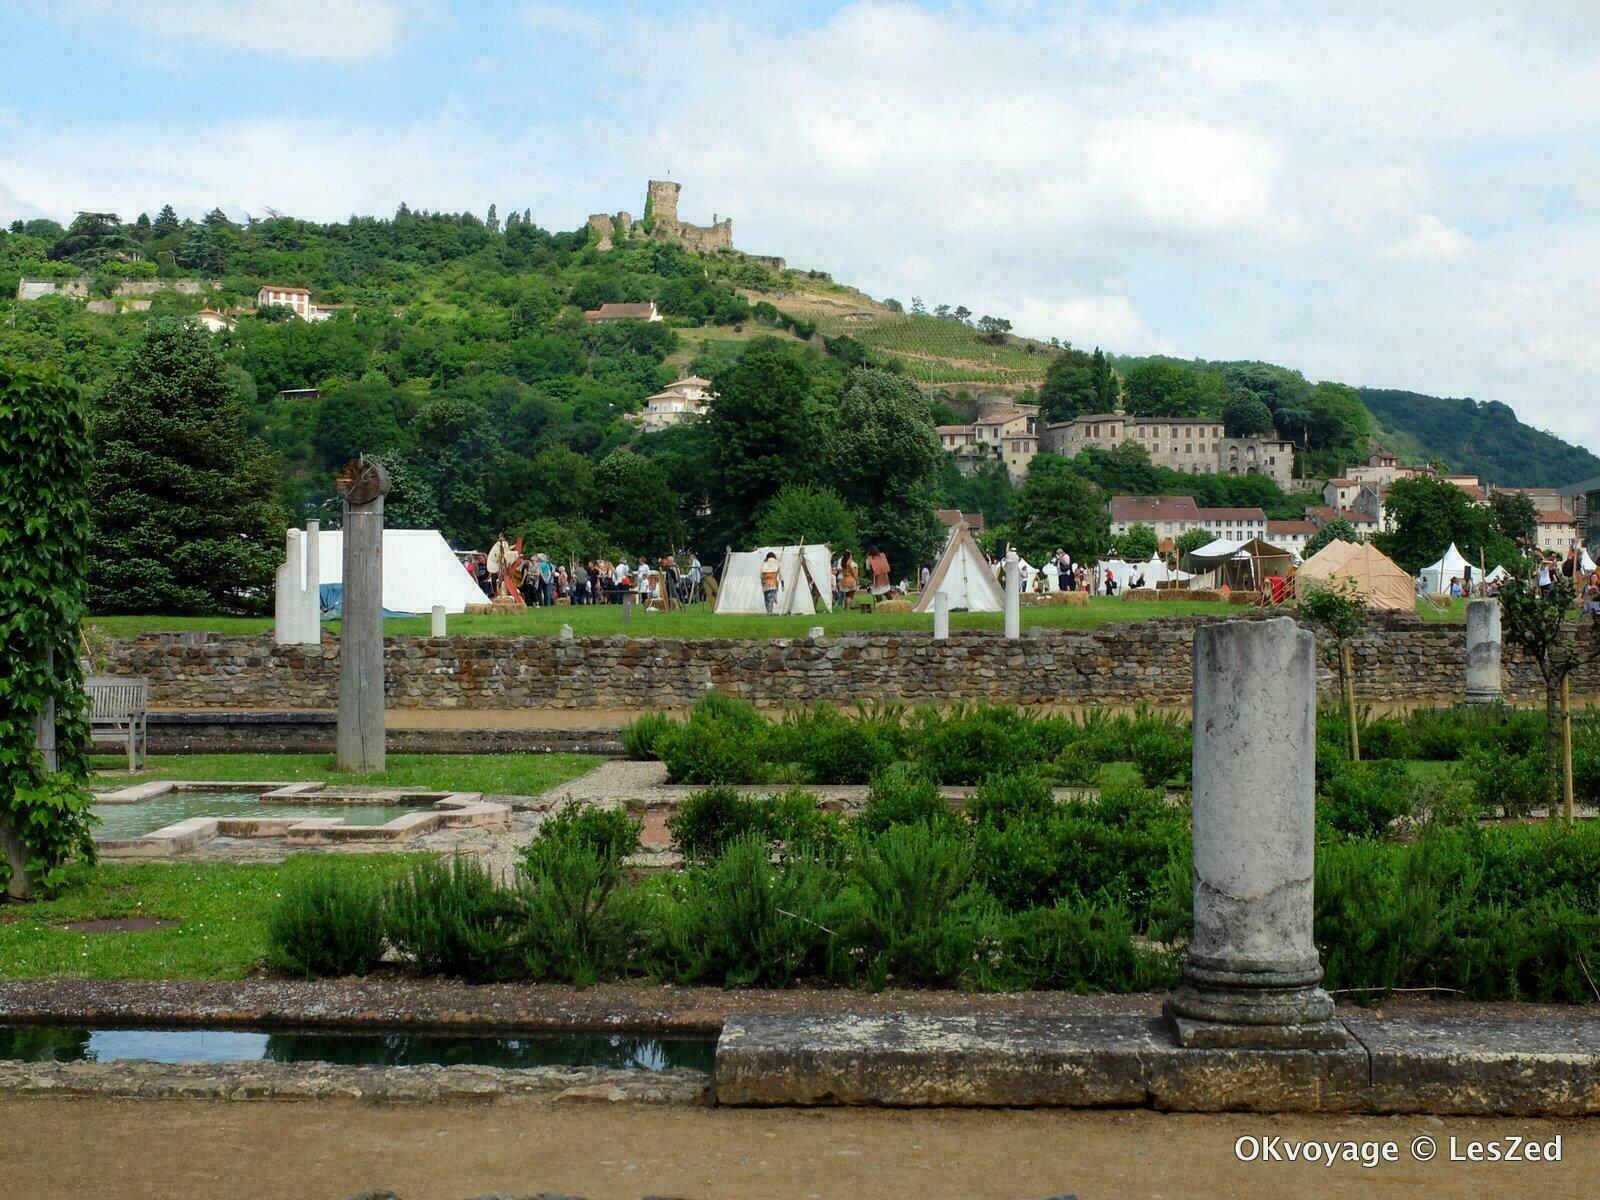 Le Musée Gallo-Romain de Saint-Romain-en-Gal